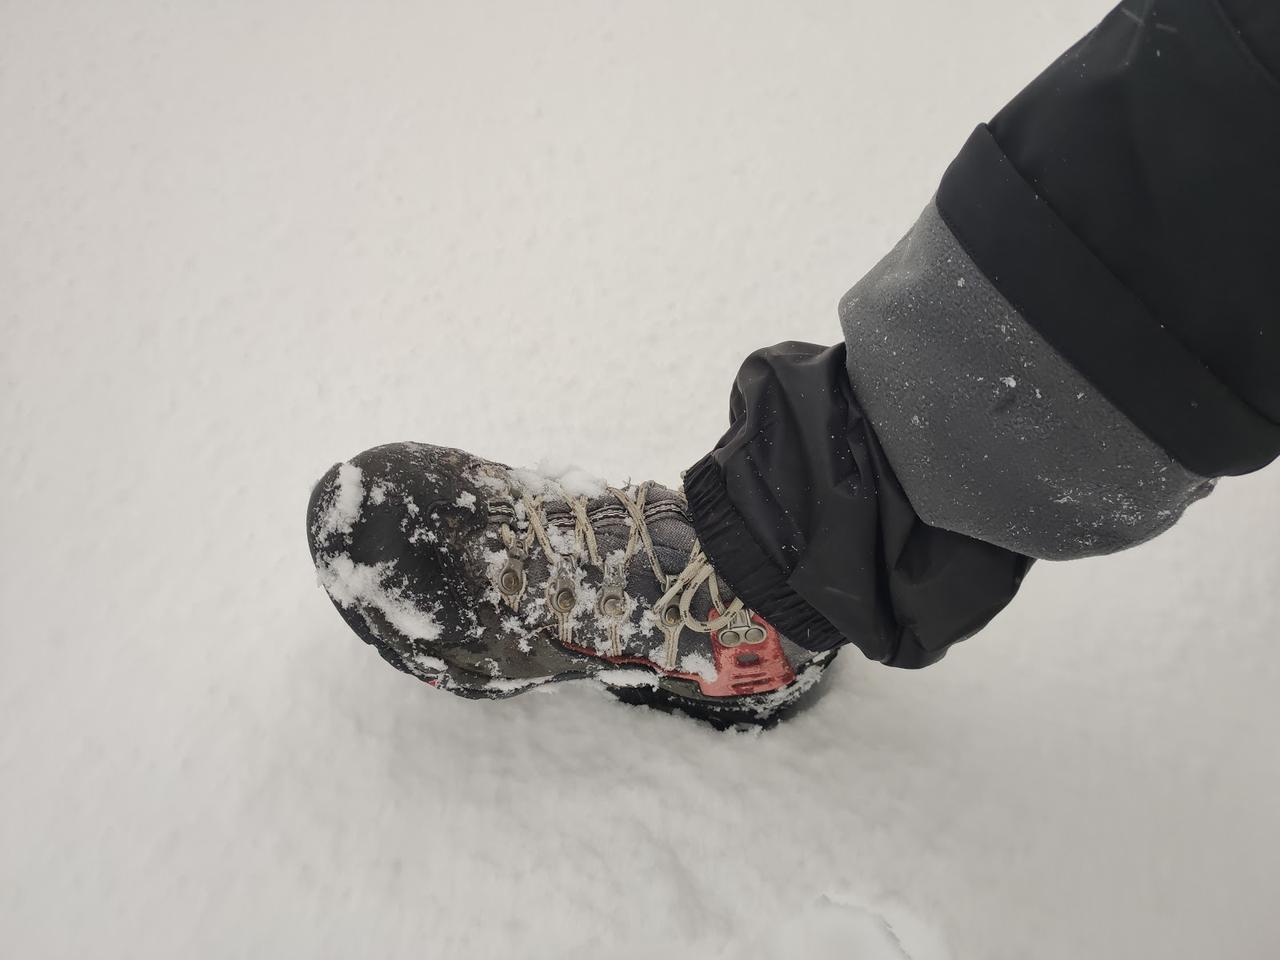 画像: 雪山用パンツのインナースパッツをハイカットの登山靴にぴったりとかぶせれば少量の雪を防げる (筆者撮影)